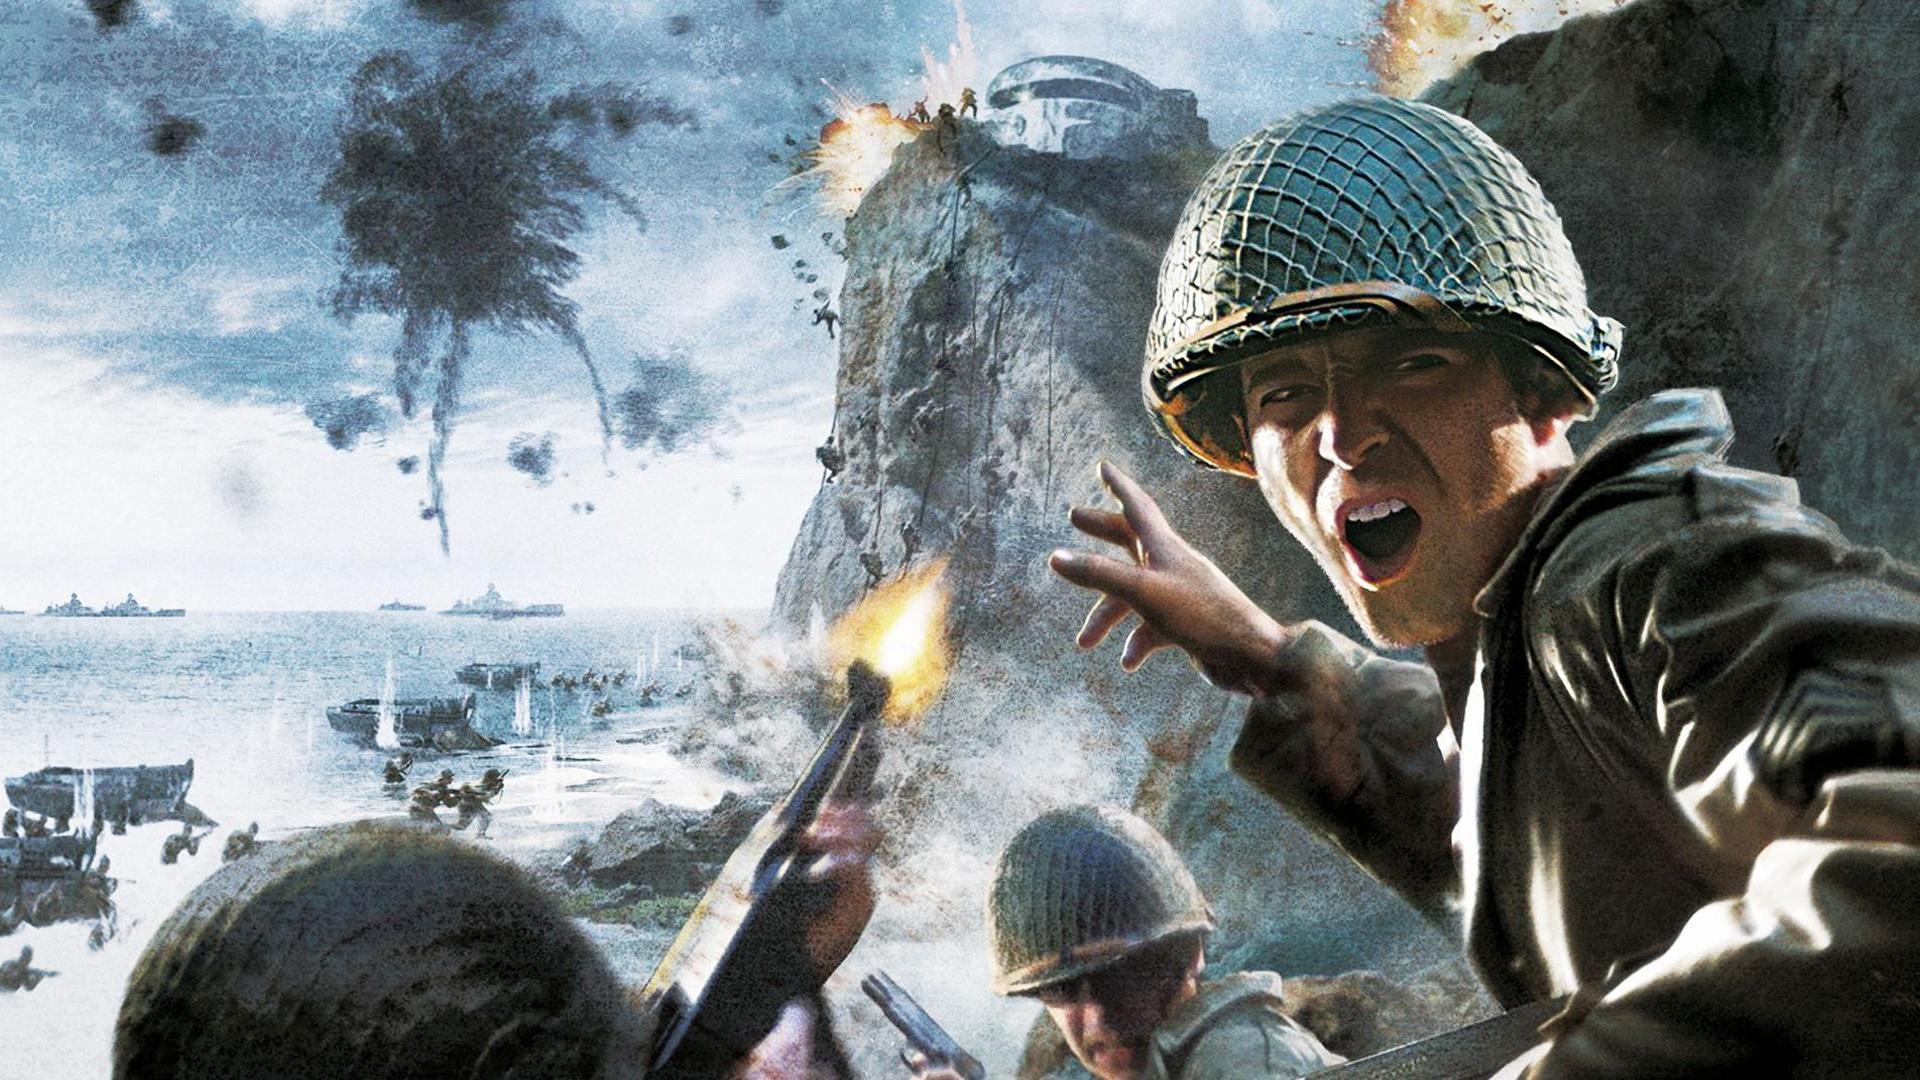 Krieg Spiele De